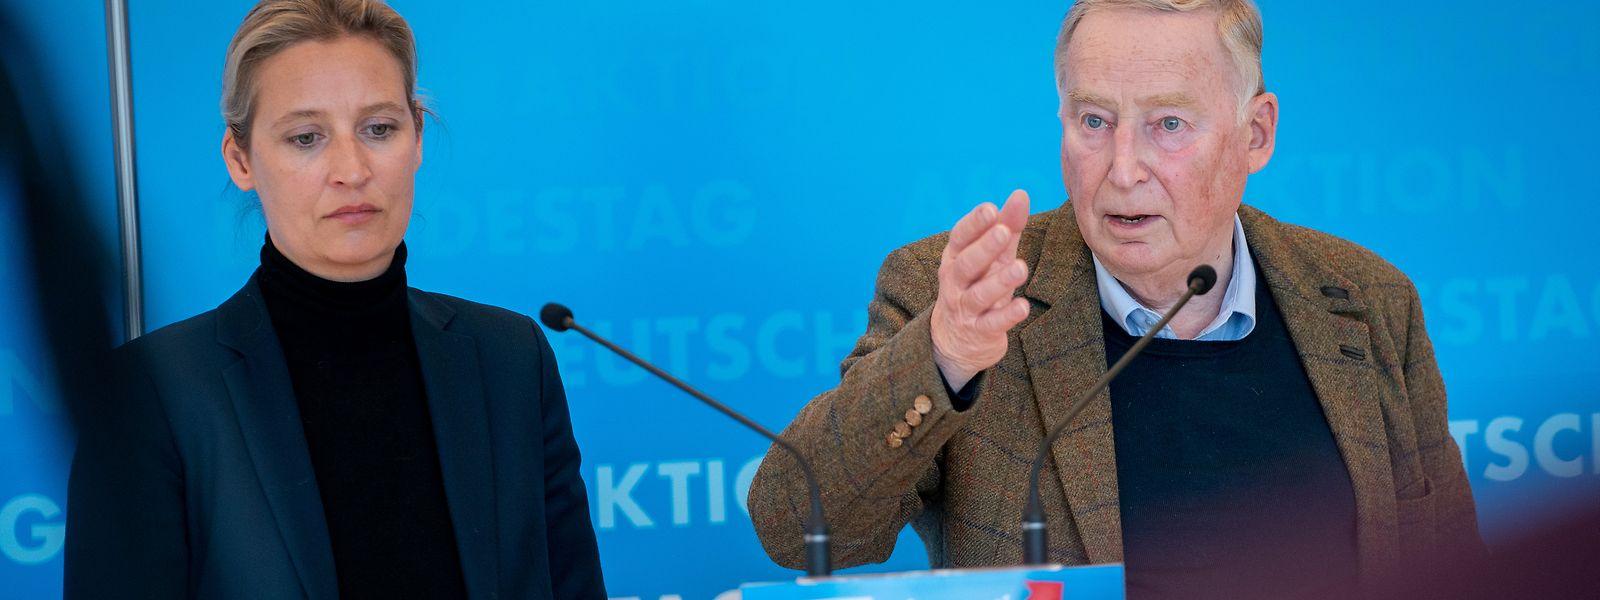 Die Fraktionsvorsitzenden der AfD im Bundestag, Alice Weidel und Alexander Gauland.